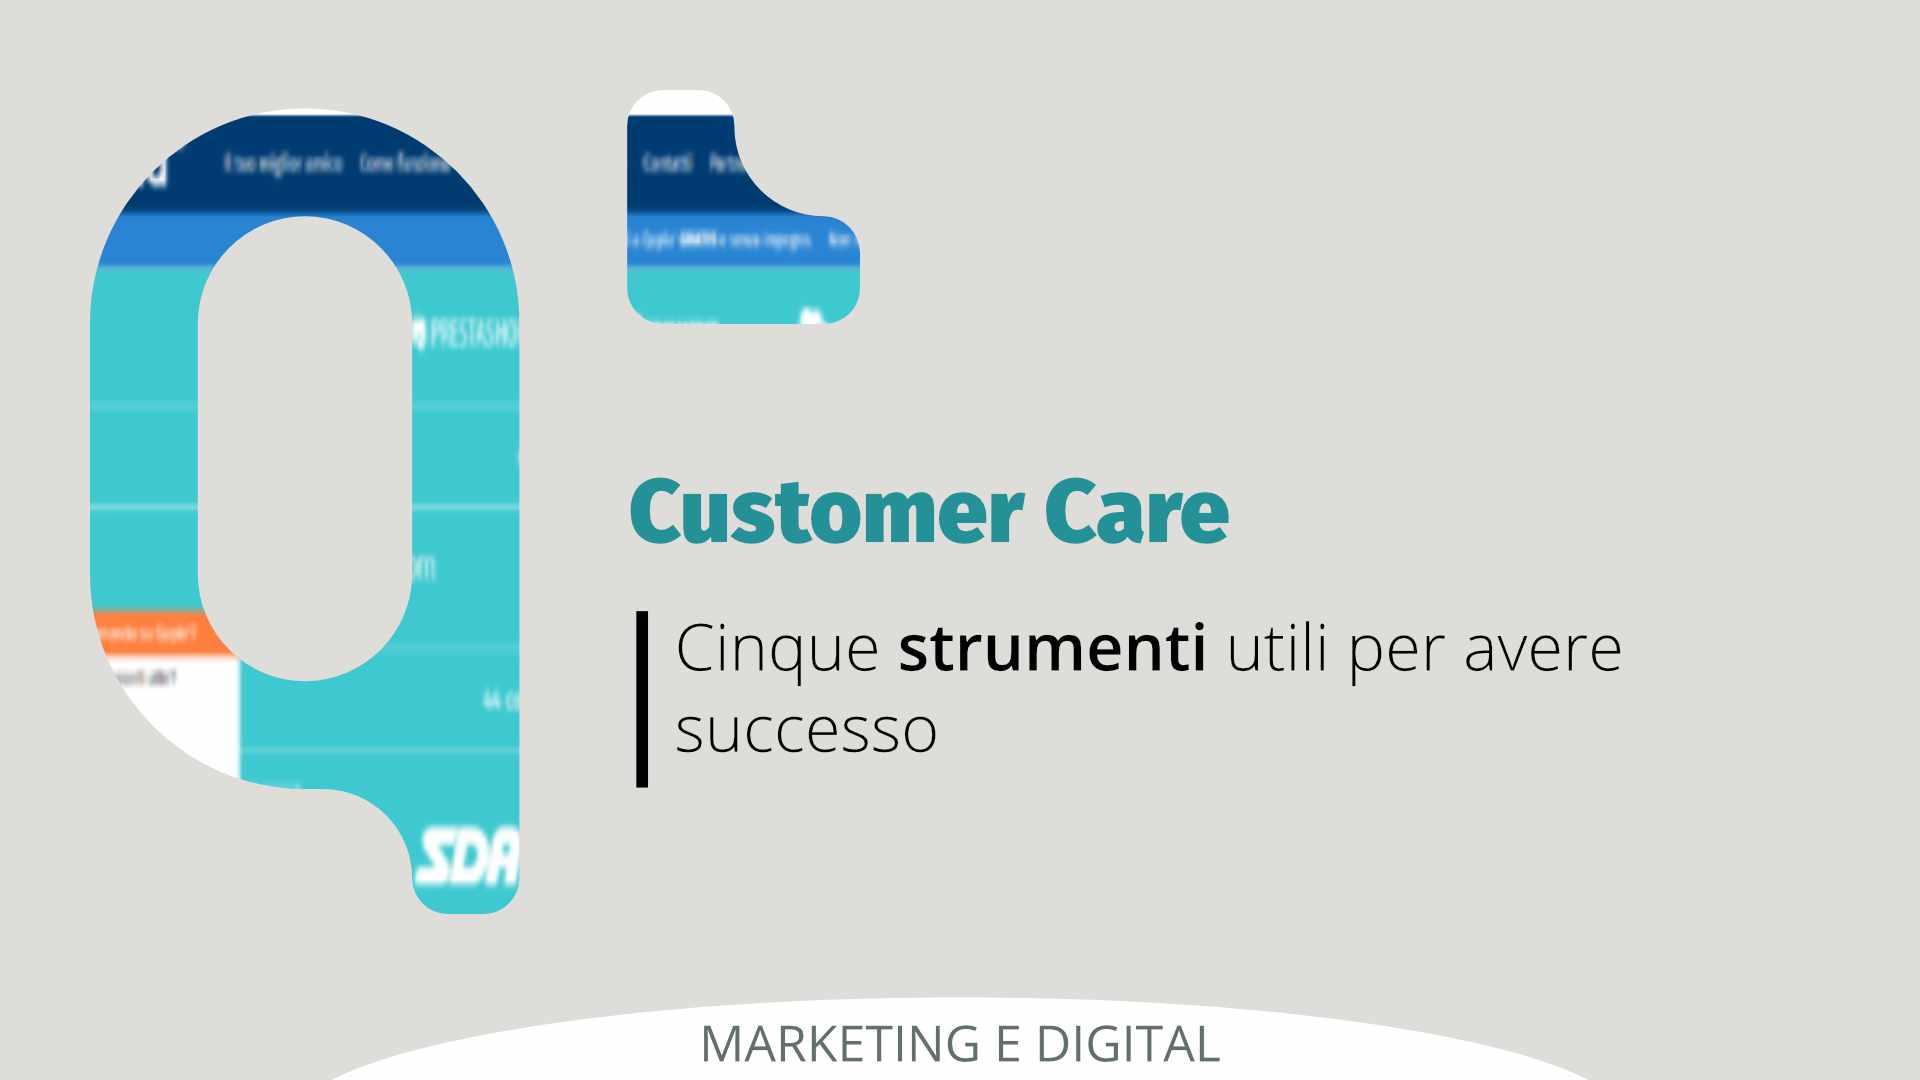 Customer care di successo: 5 strumenti utili